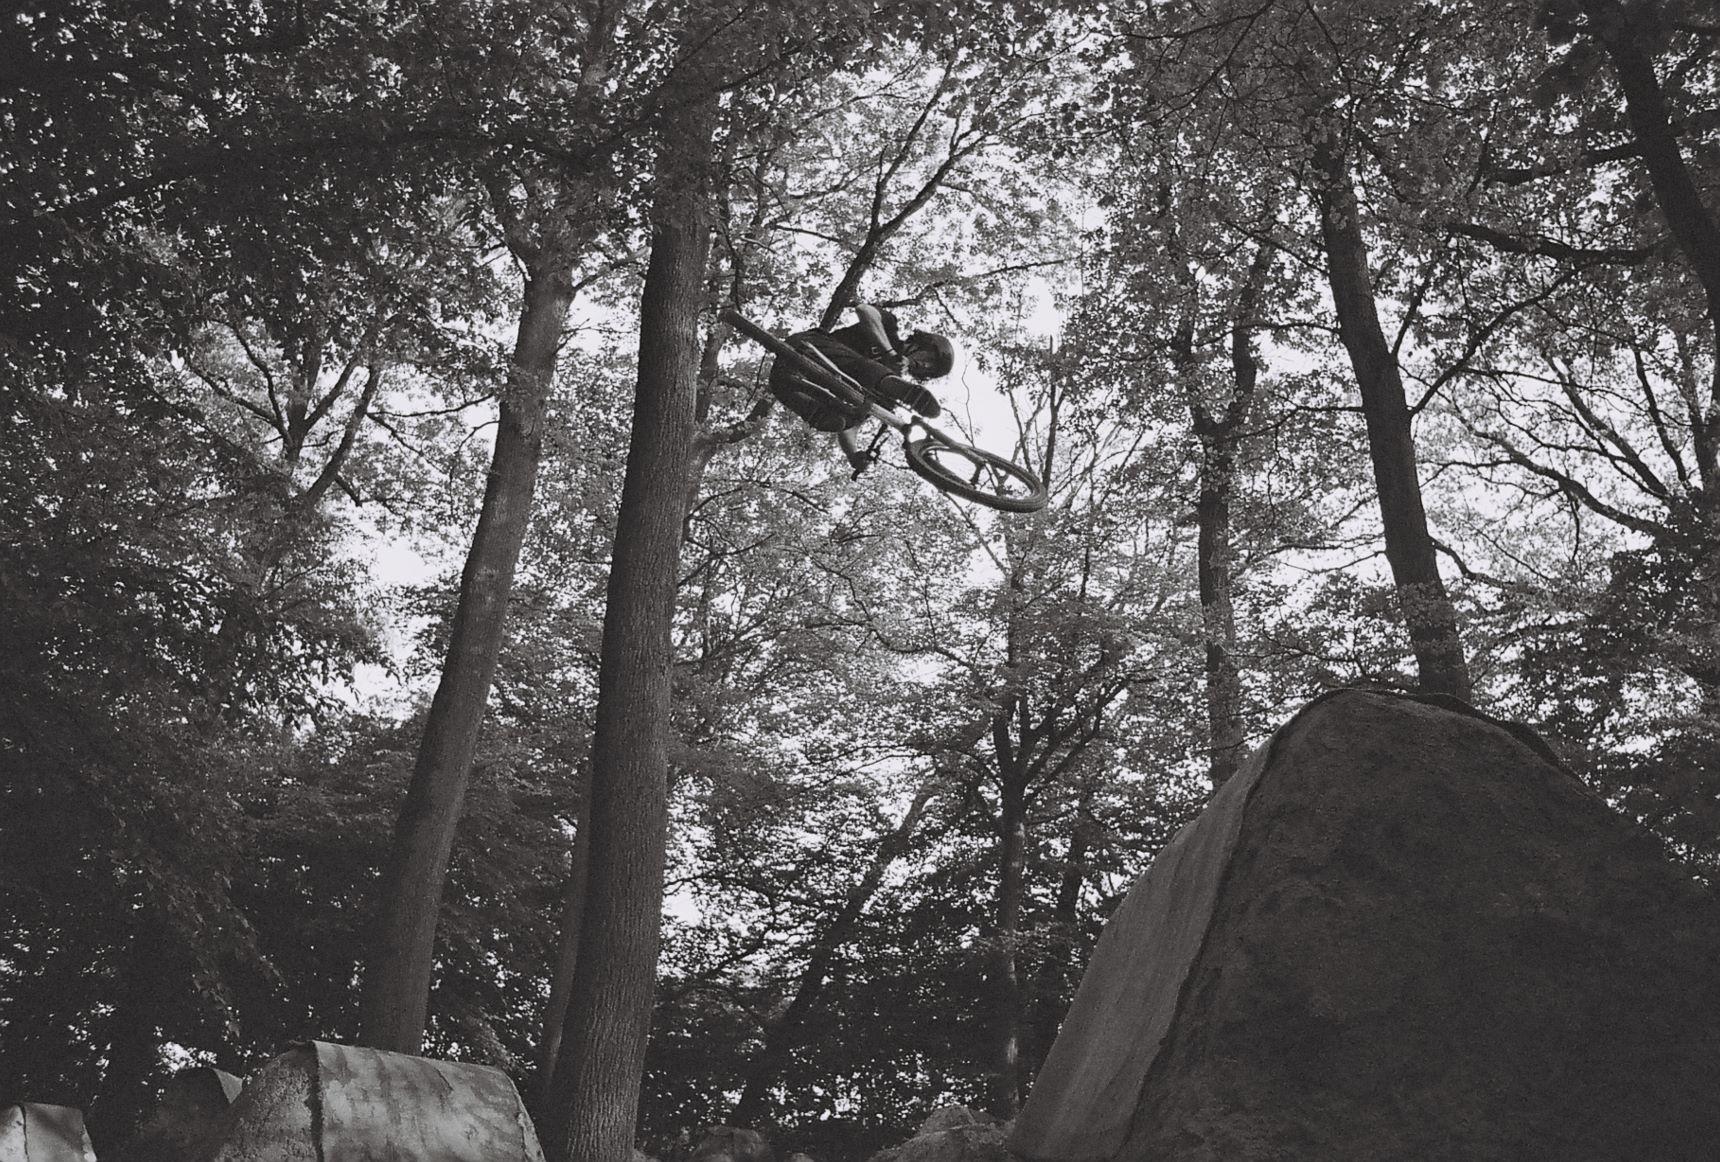 016_Hugo trápí třetí na Digoj. Dřív asi největší skok lesa, teď možná nejpříjemnější, hmm... Houte